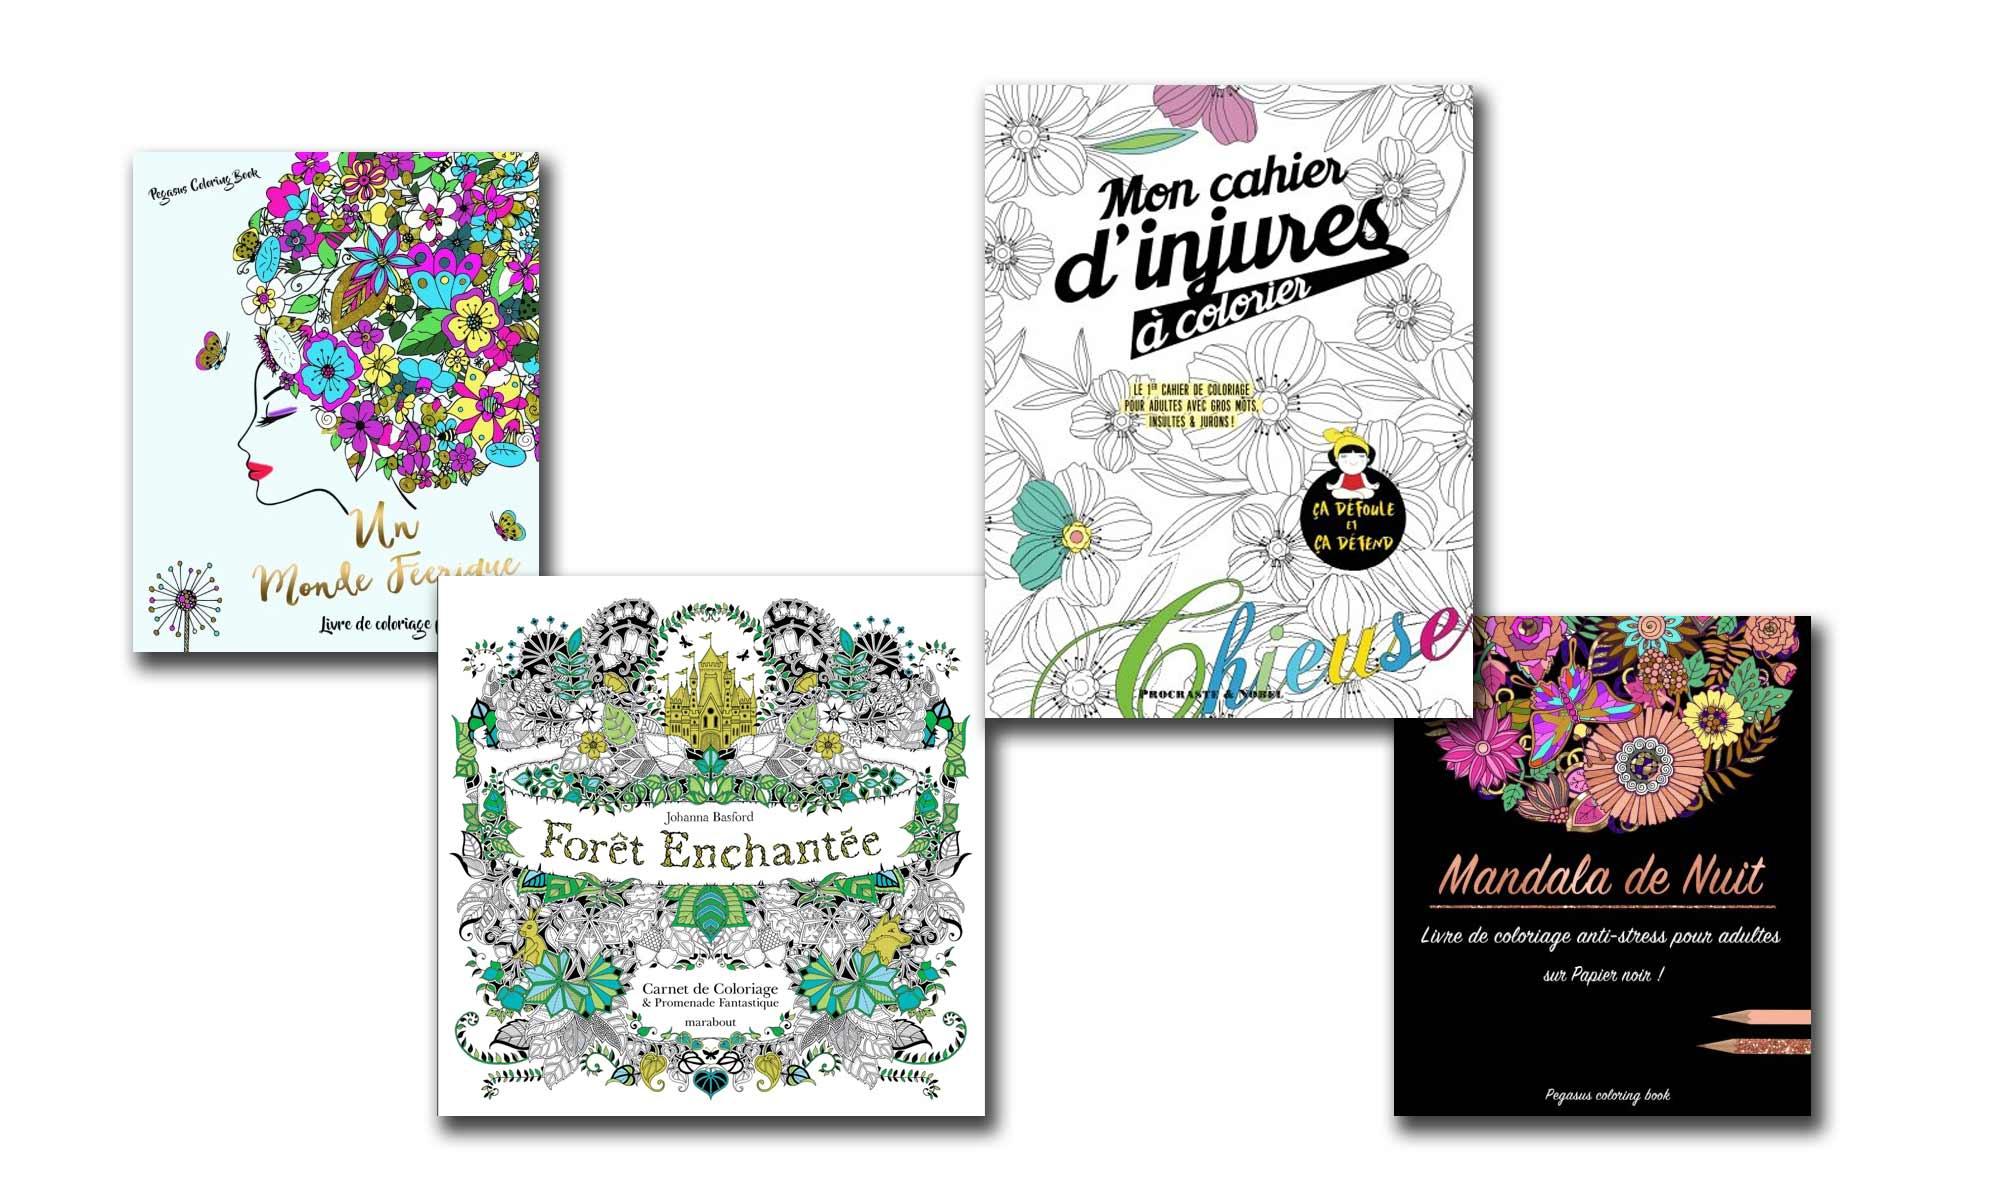 Coloriage Adulte : Les 10 Livres Les Mieux Notés Sur Amazon serapportantà Tous Les Coloriages Du Monde